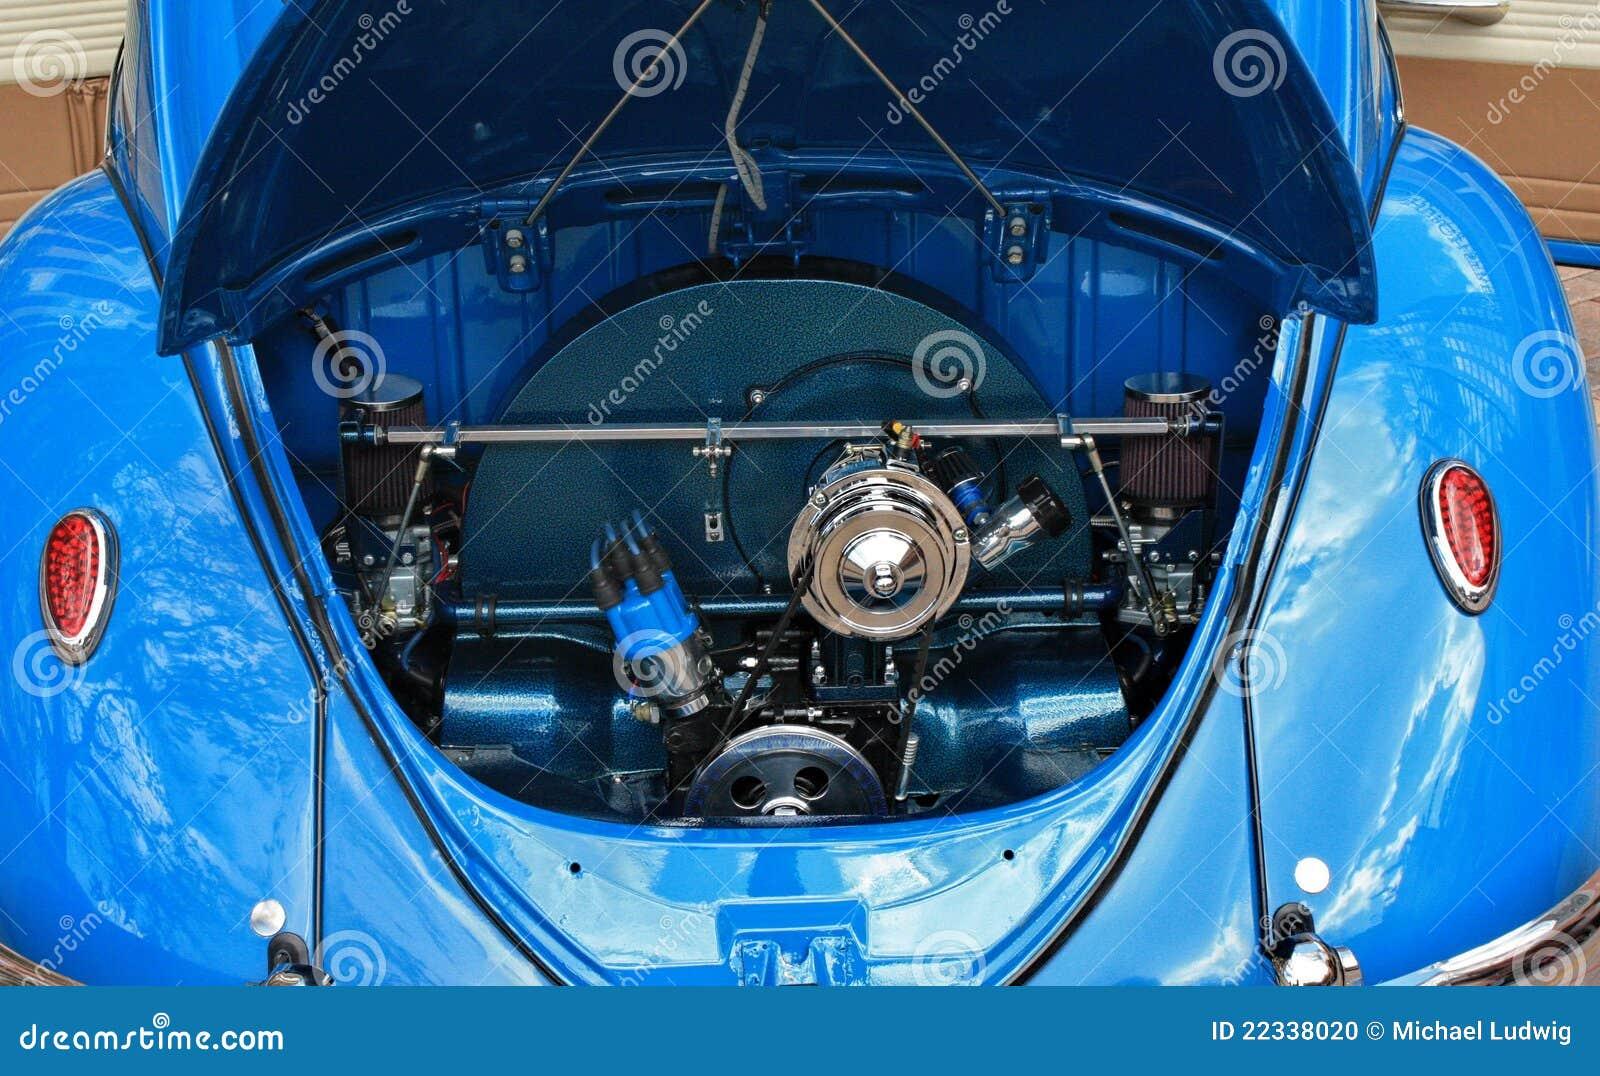 Douane Volkswagen